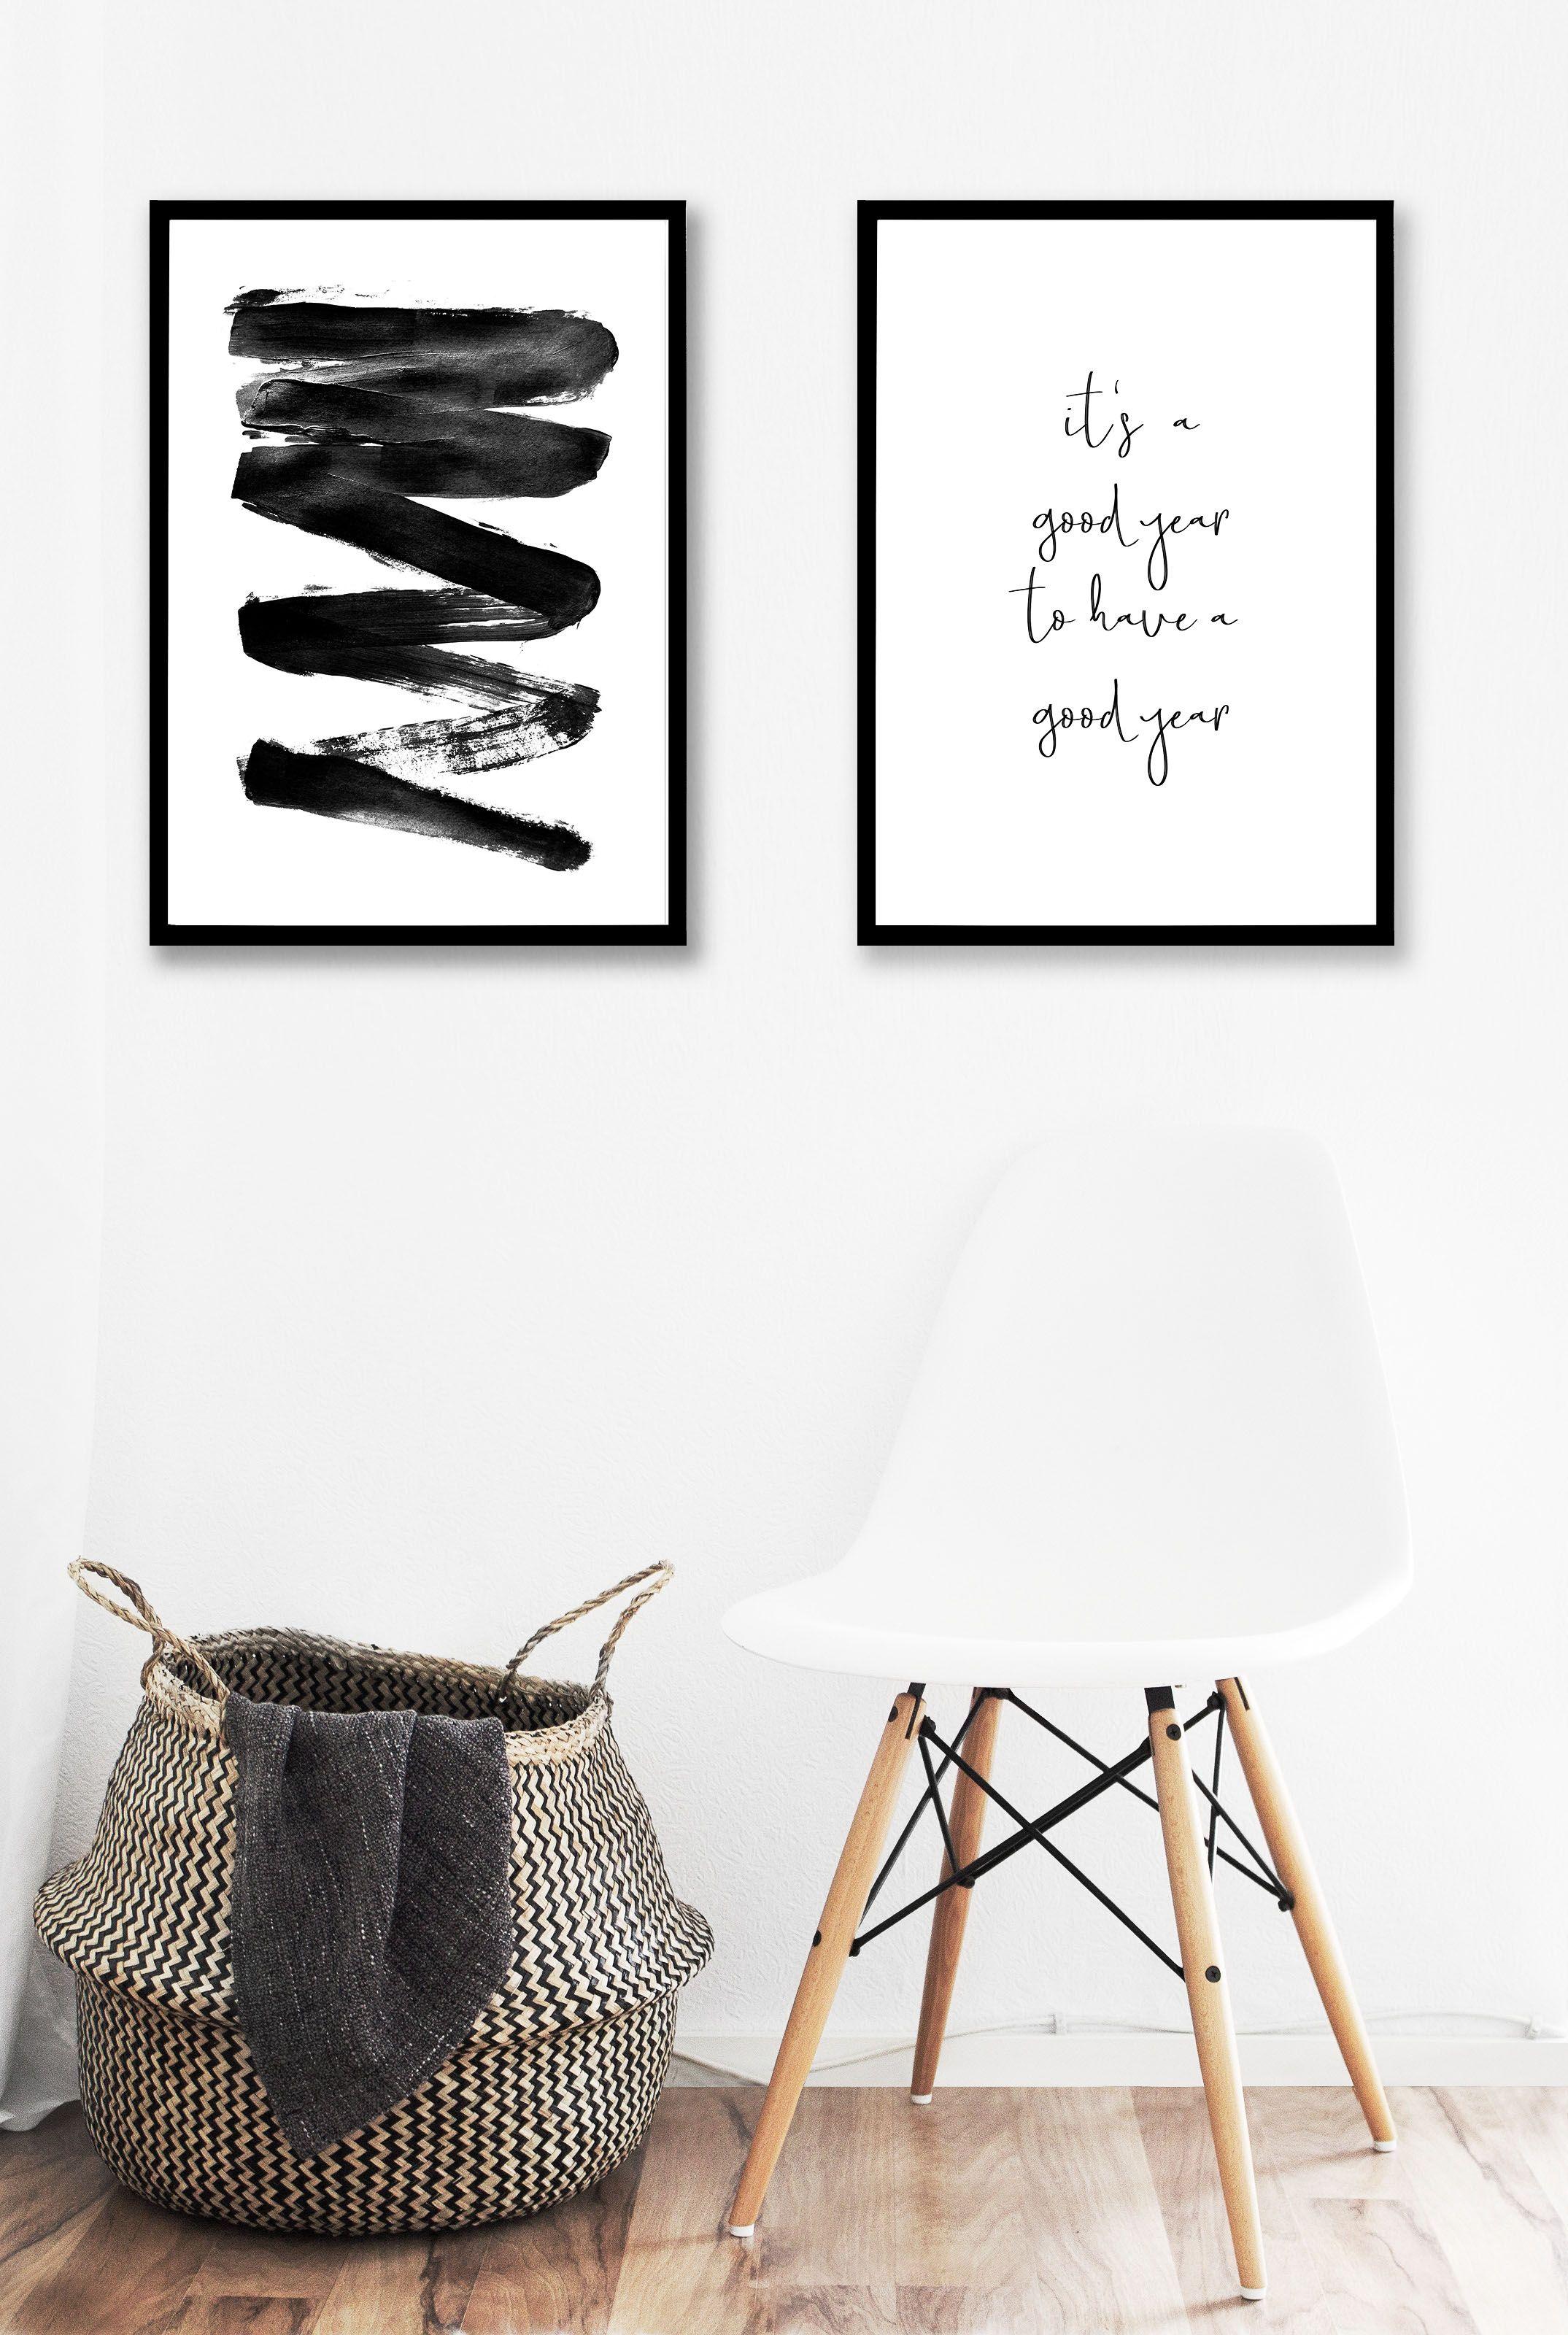 Elegant Abstraktes Poster Schwarzweiß Plakat Kunst Wand Download  Minimalistisch Abstrakt Handgemalt Schwarz Und Weiß Abstrakte Linien